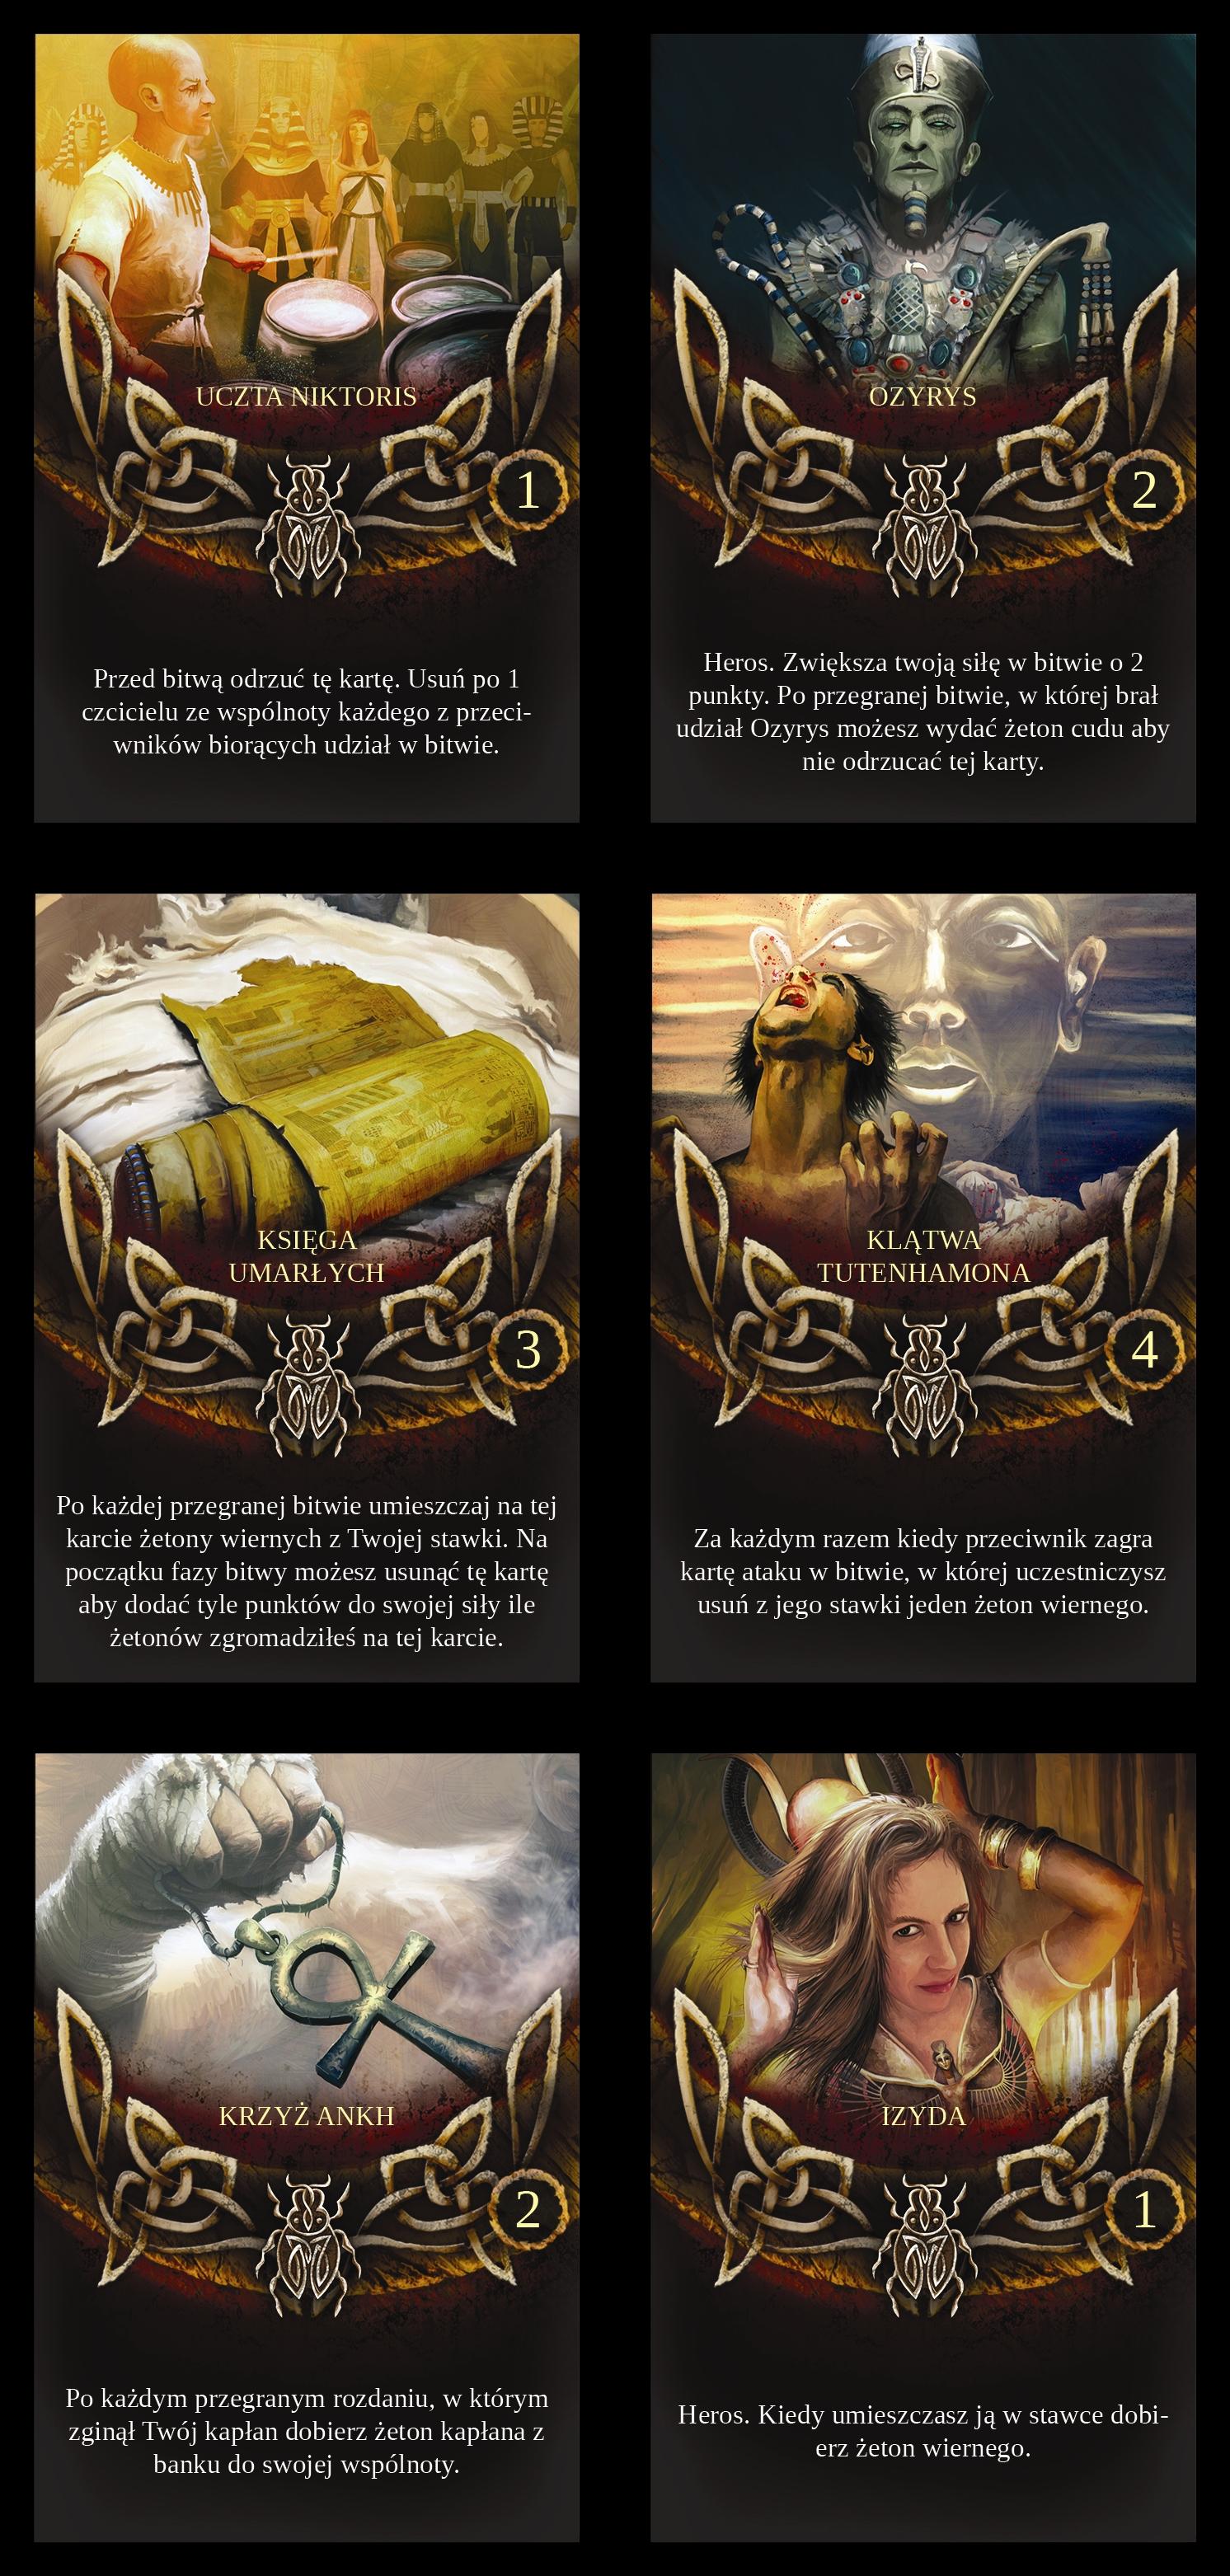 Mitologia_egipska_karty_mitów